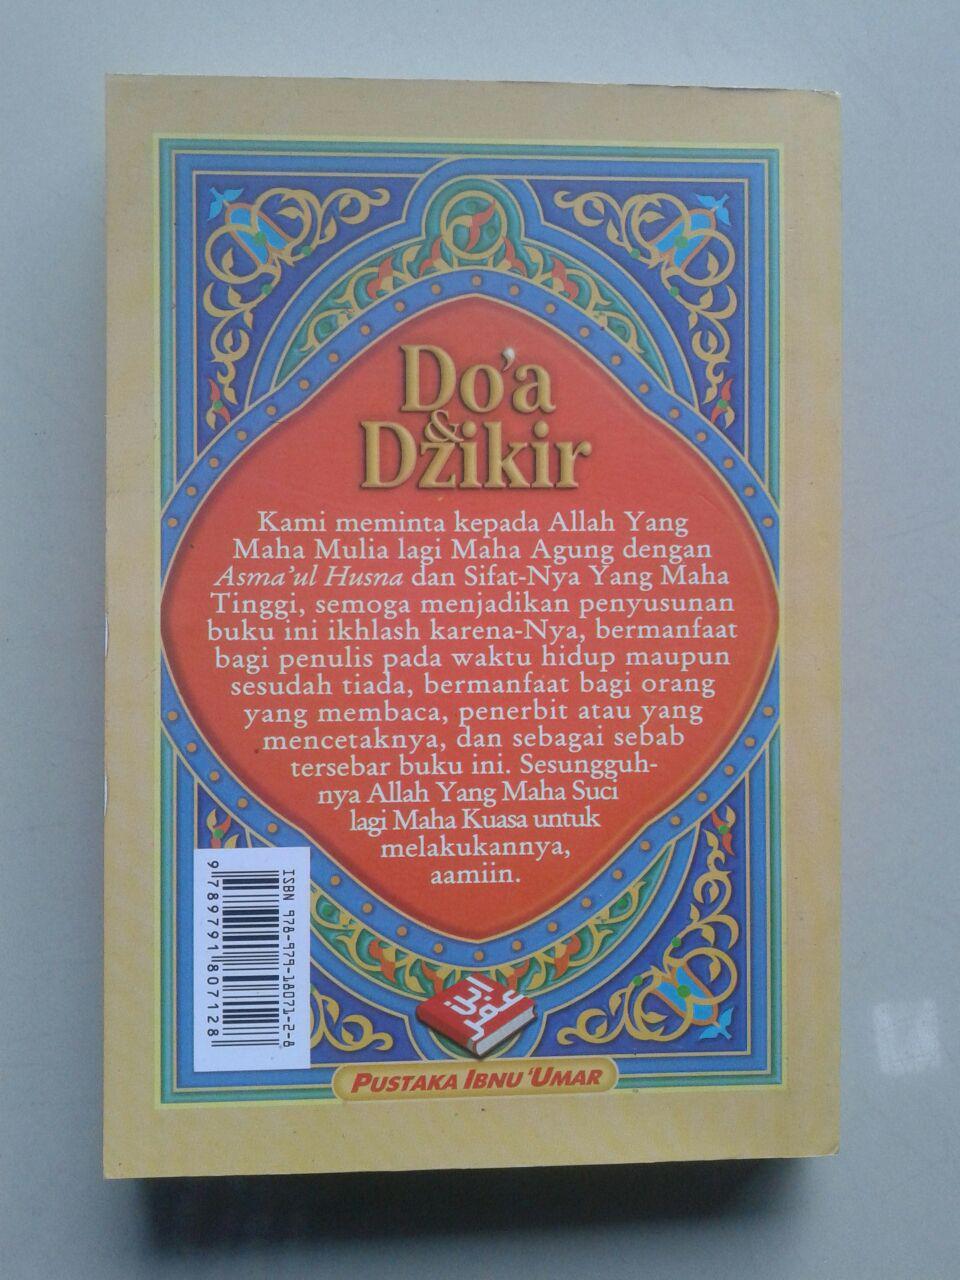 Buku Doa & Dzikir Berdasarkan al-Quran dan as-Sunnah cover